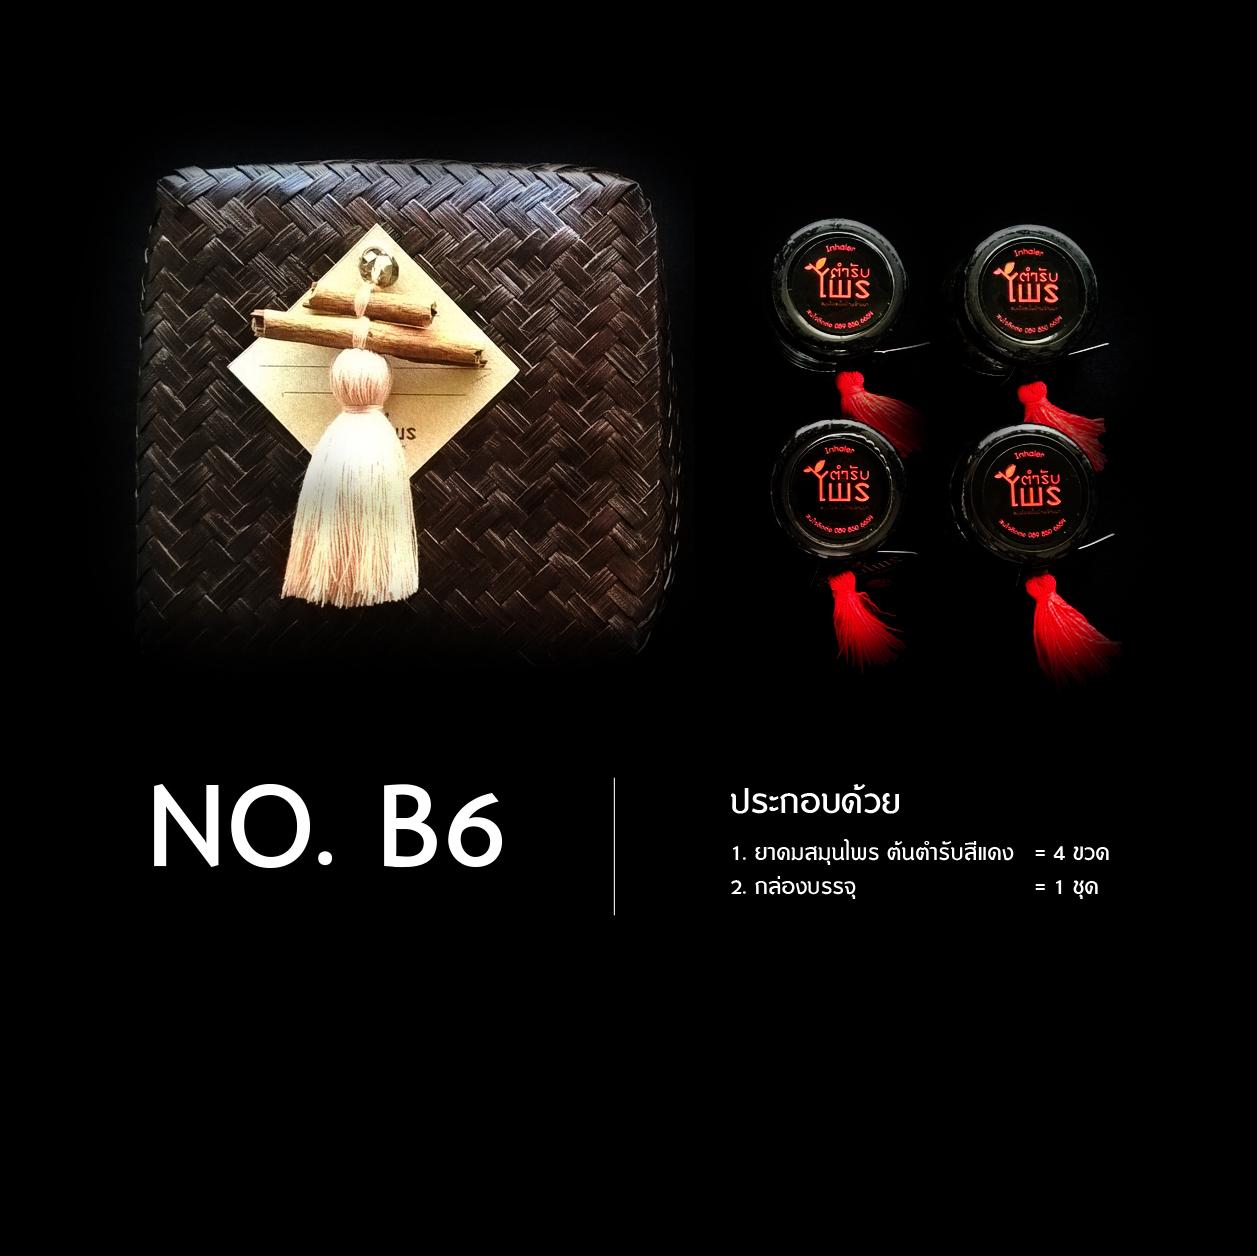 Sey No.B6